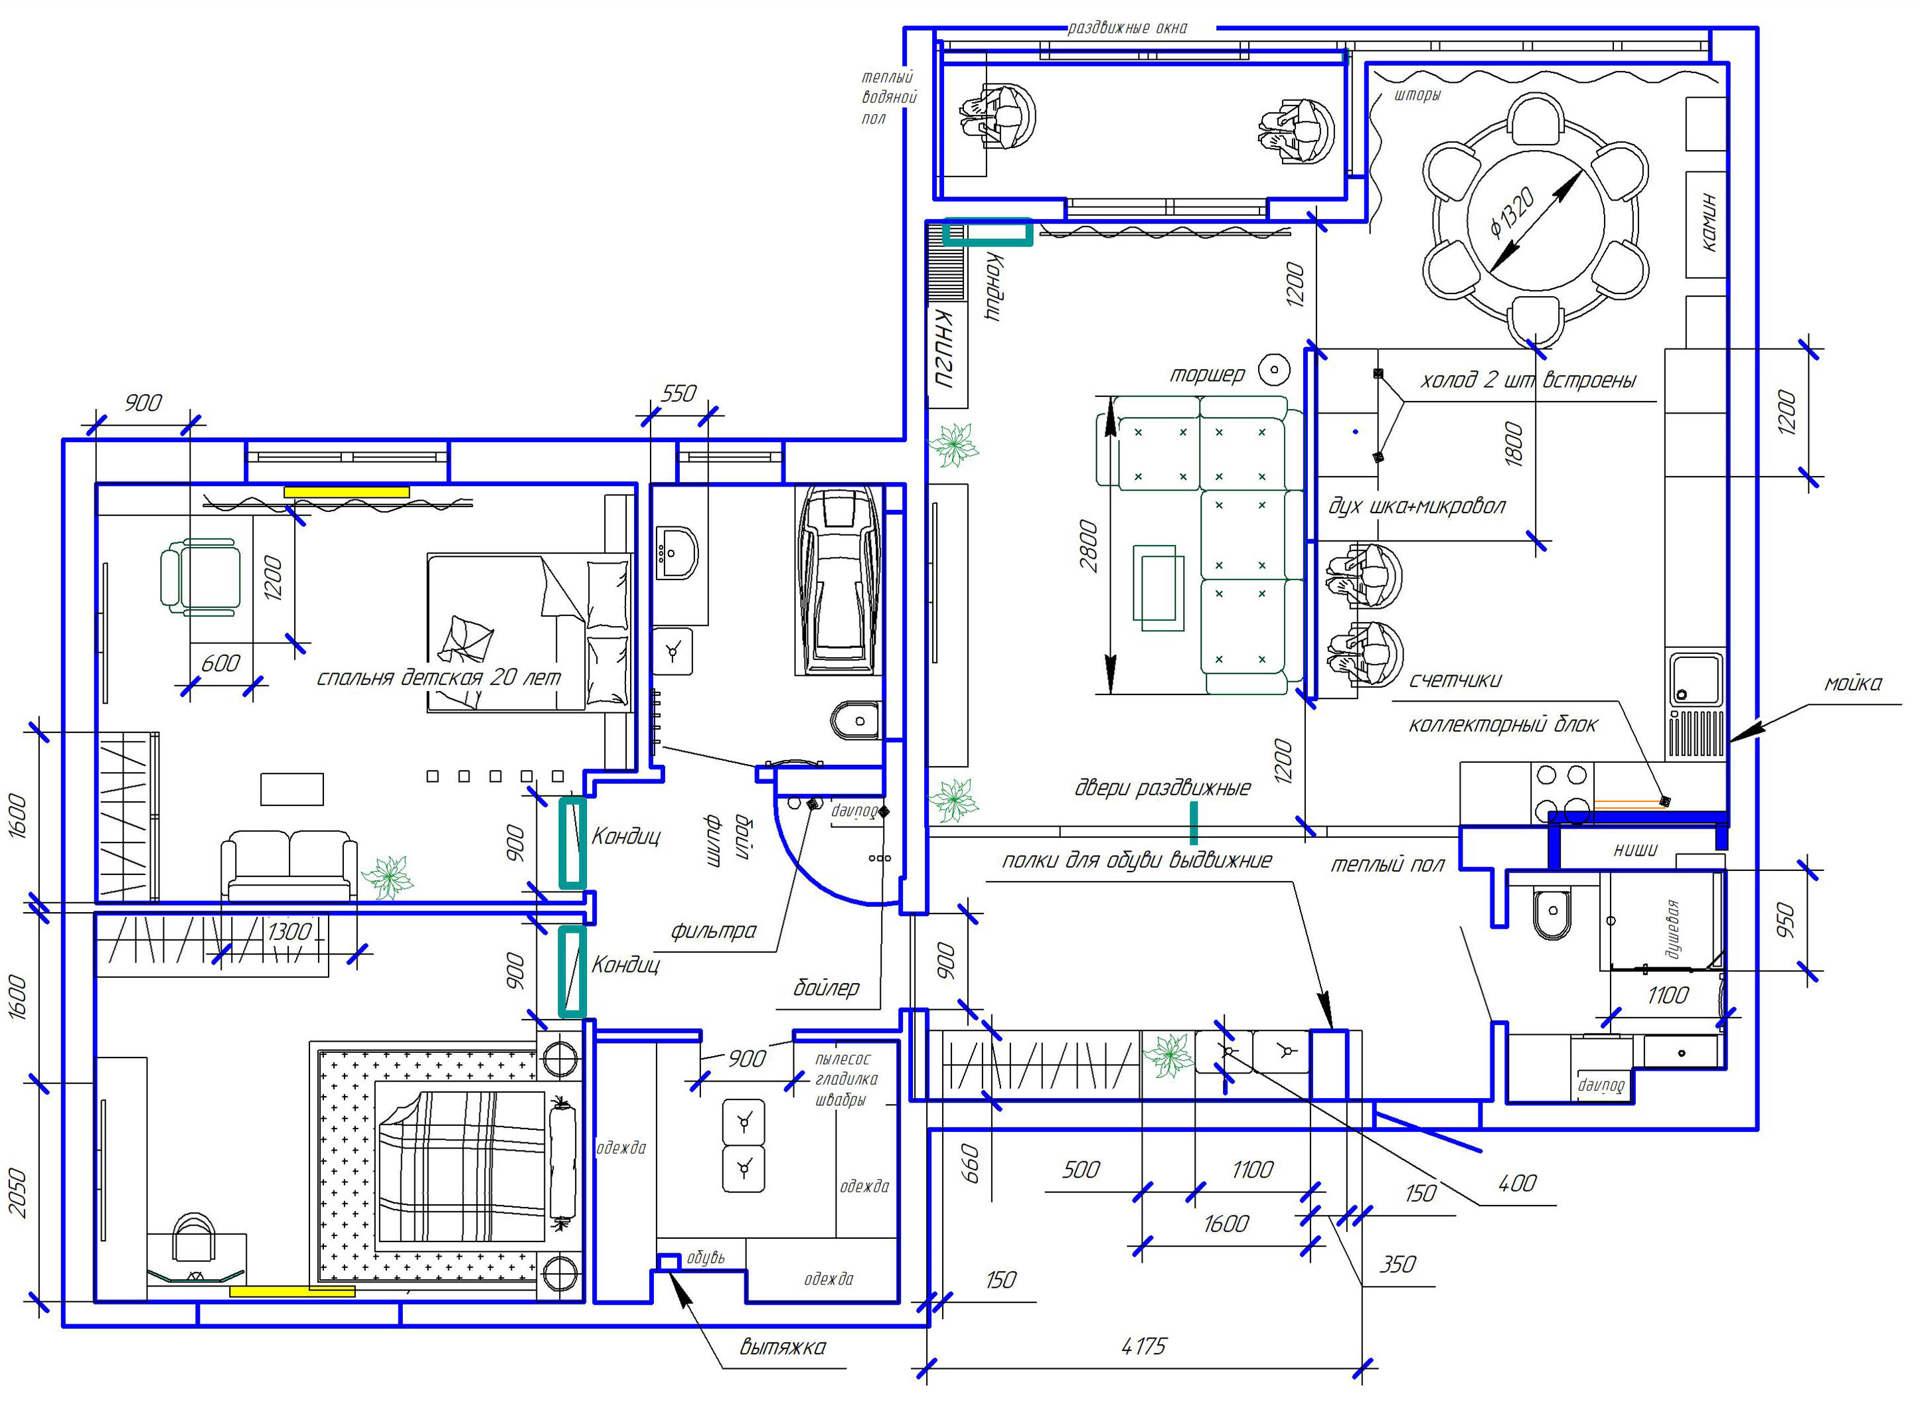 дизайн интерьера квартиры Киев ЖК Челси Тауер планировка квартиры 2 конаты две, план мебели, планировка пример